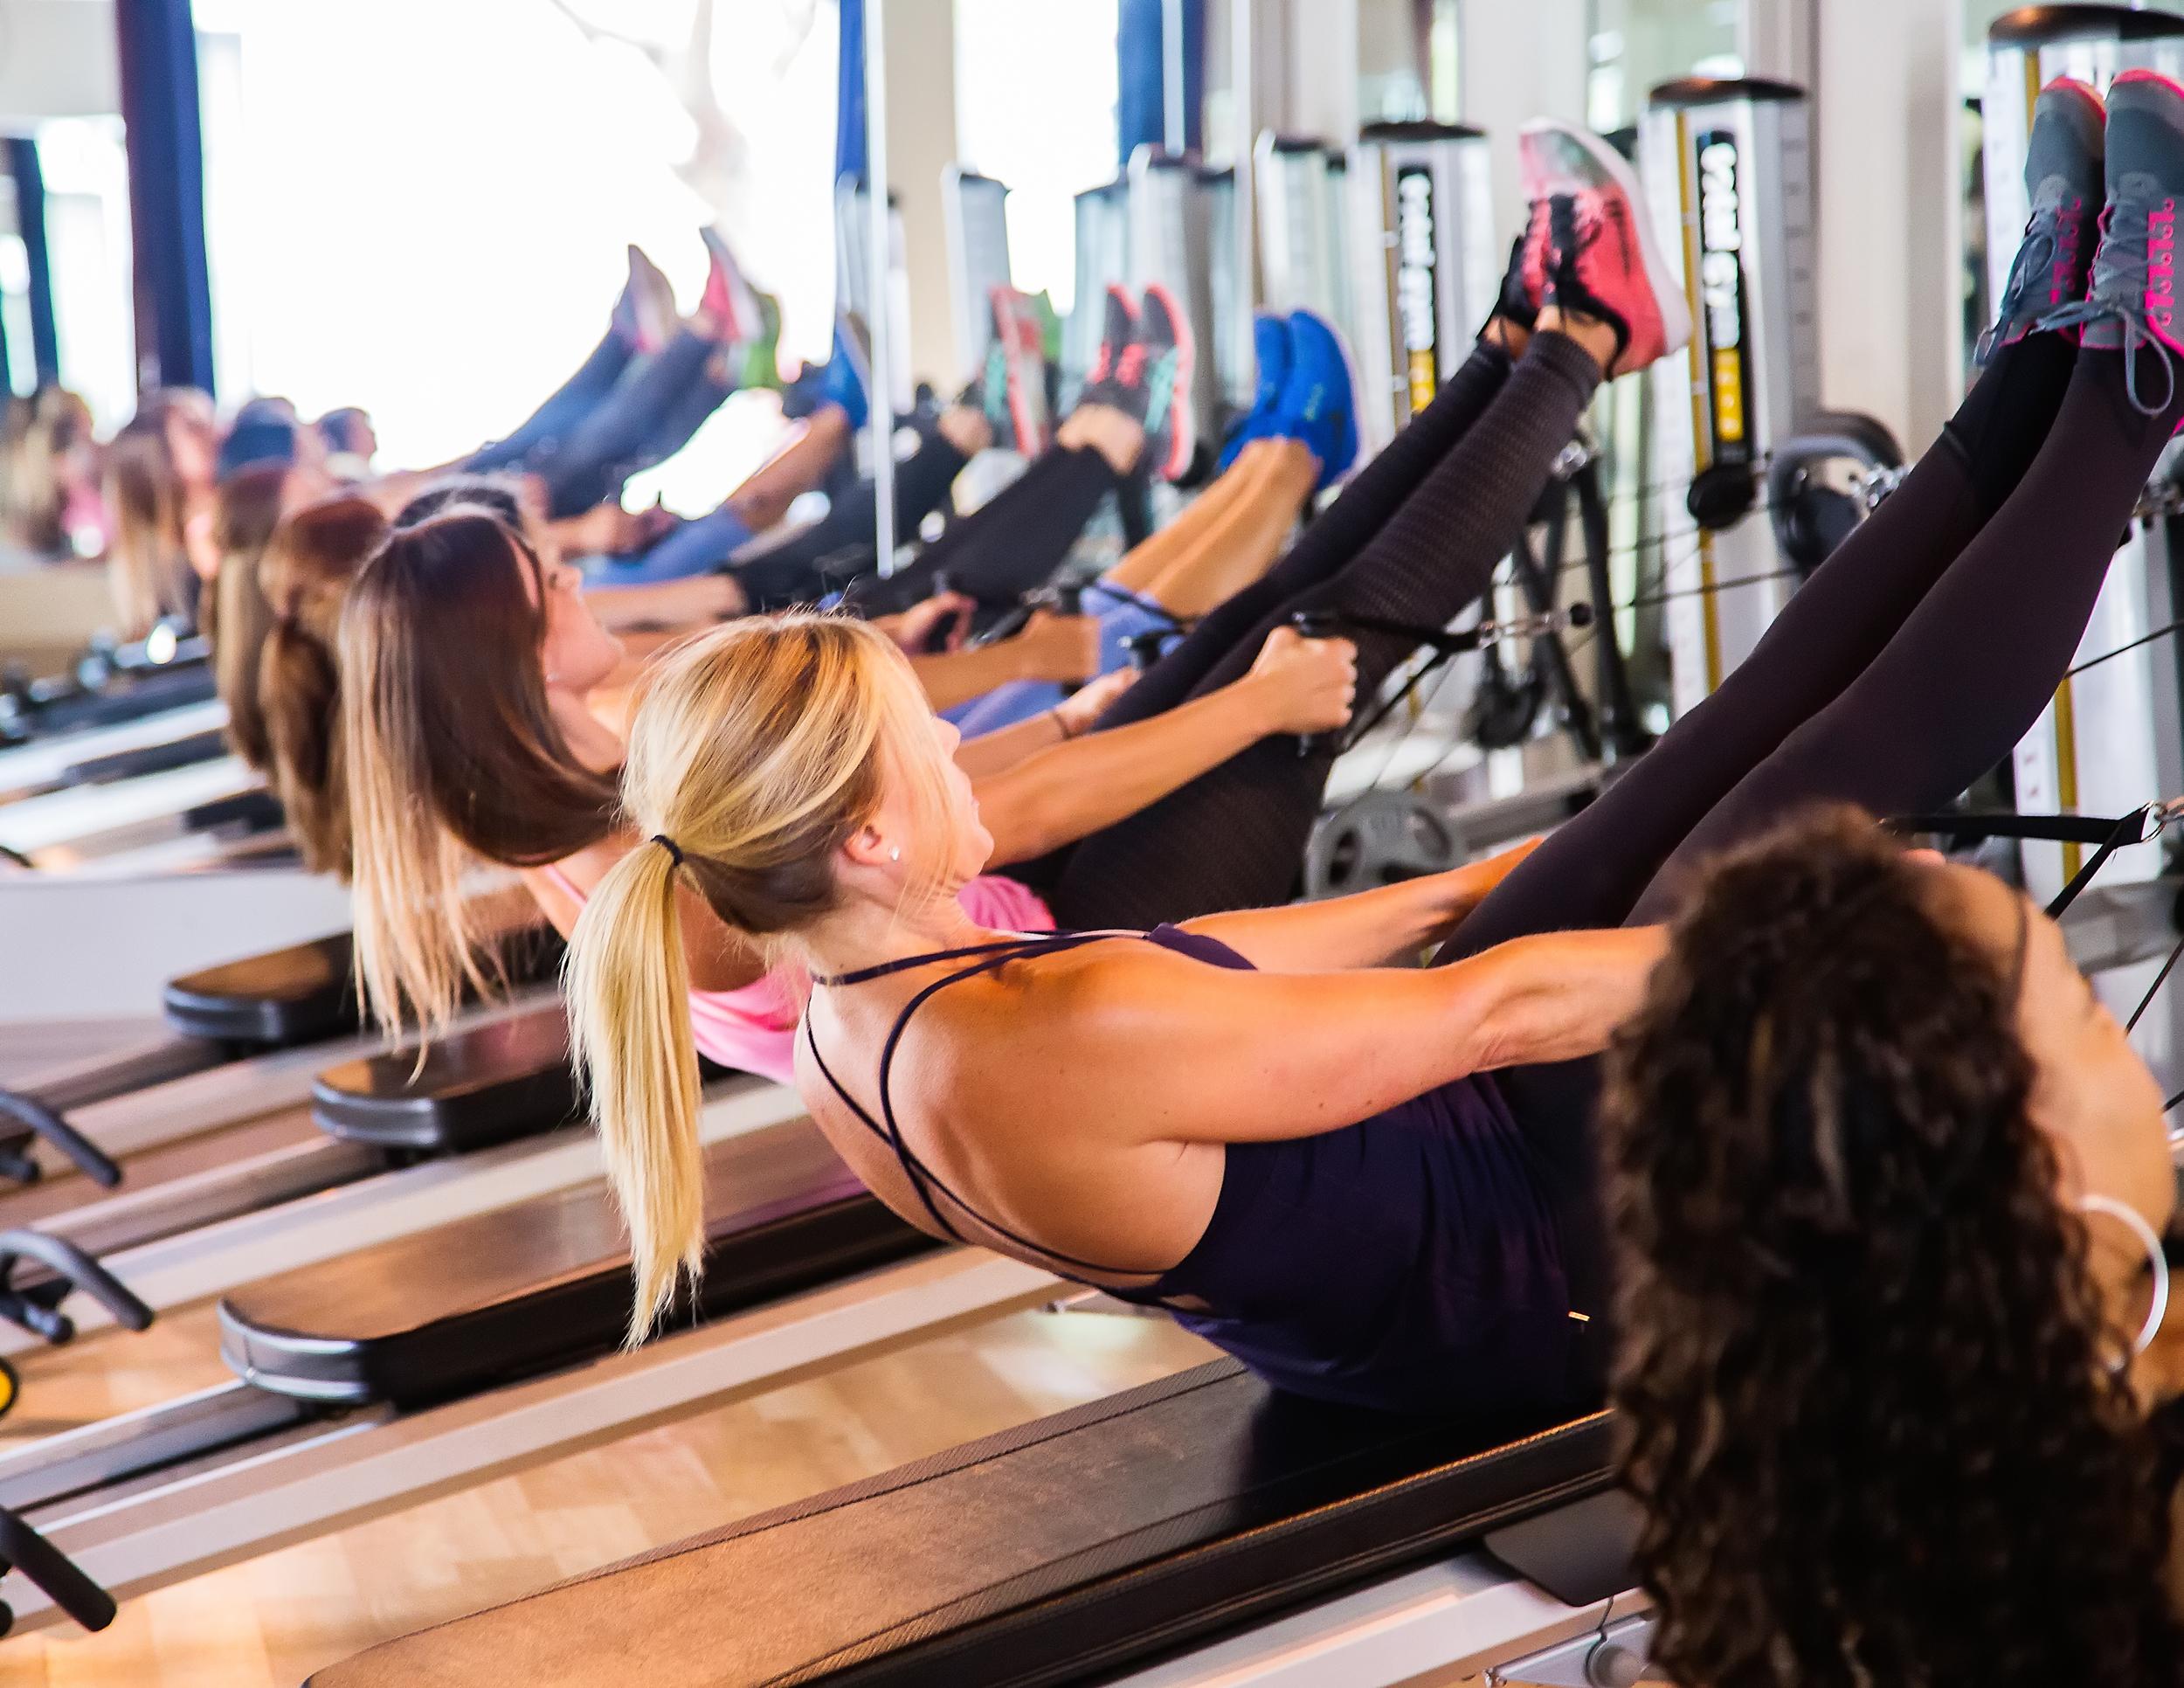 gravity-training-pilates-infinite-weight-loss